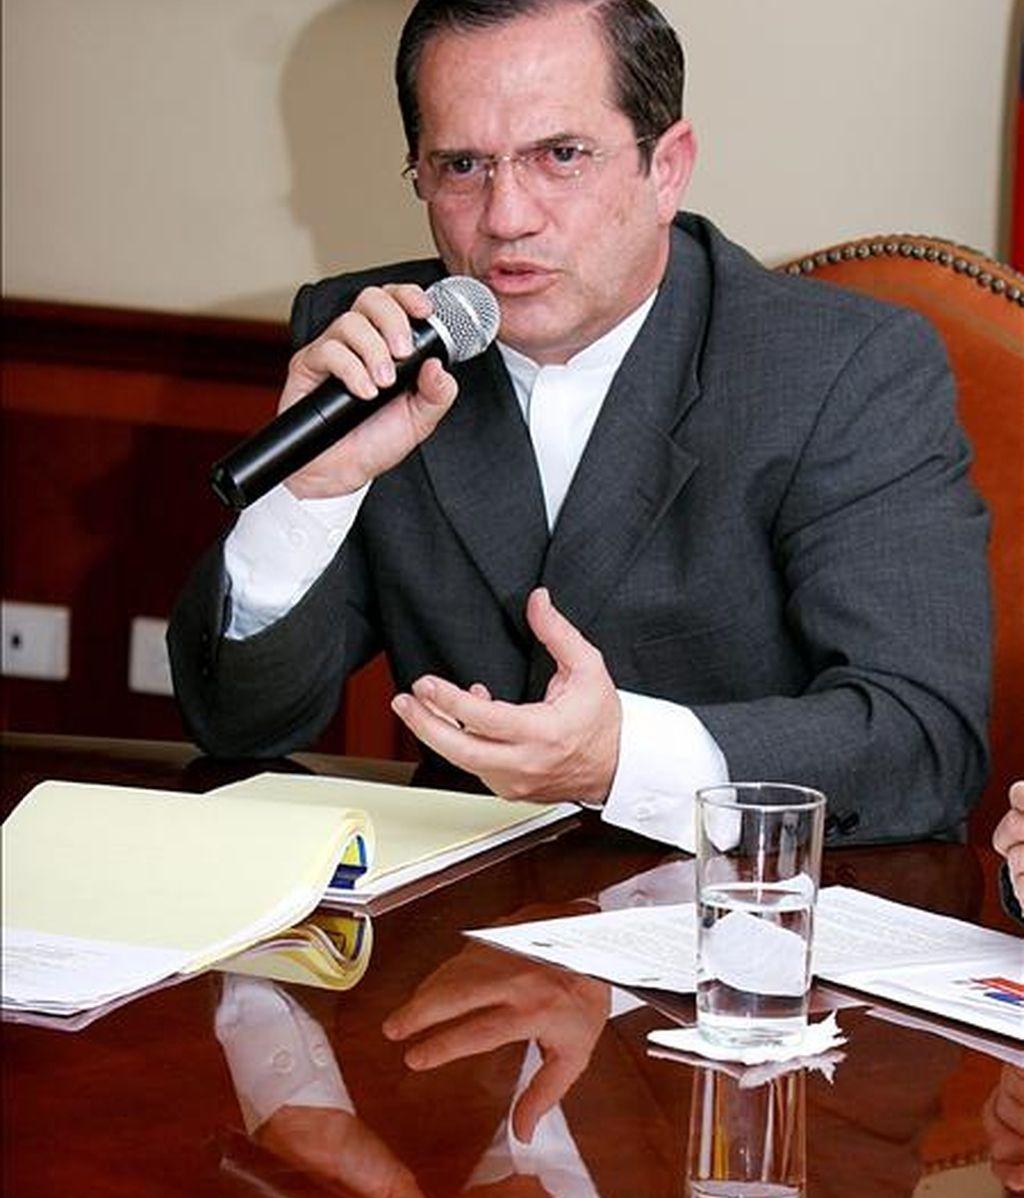 """""""Que los jueces involucren a quienes crean que tengan que involucrar"""", señaló el canciller de Ecuador, Ricardo Patiño. EFE/Archivo"""